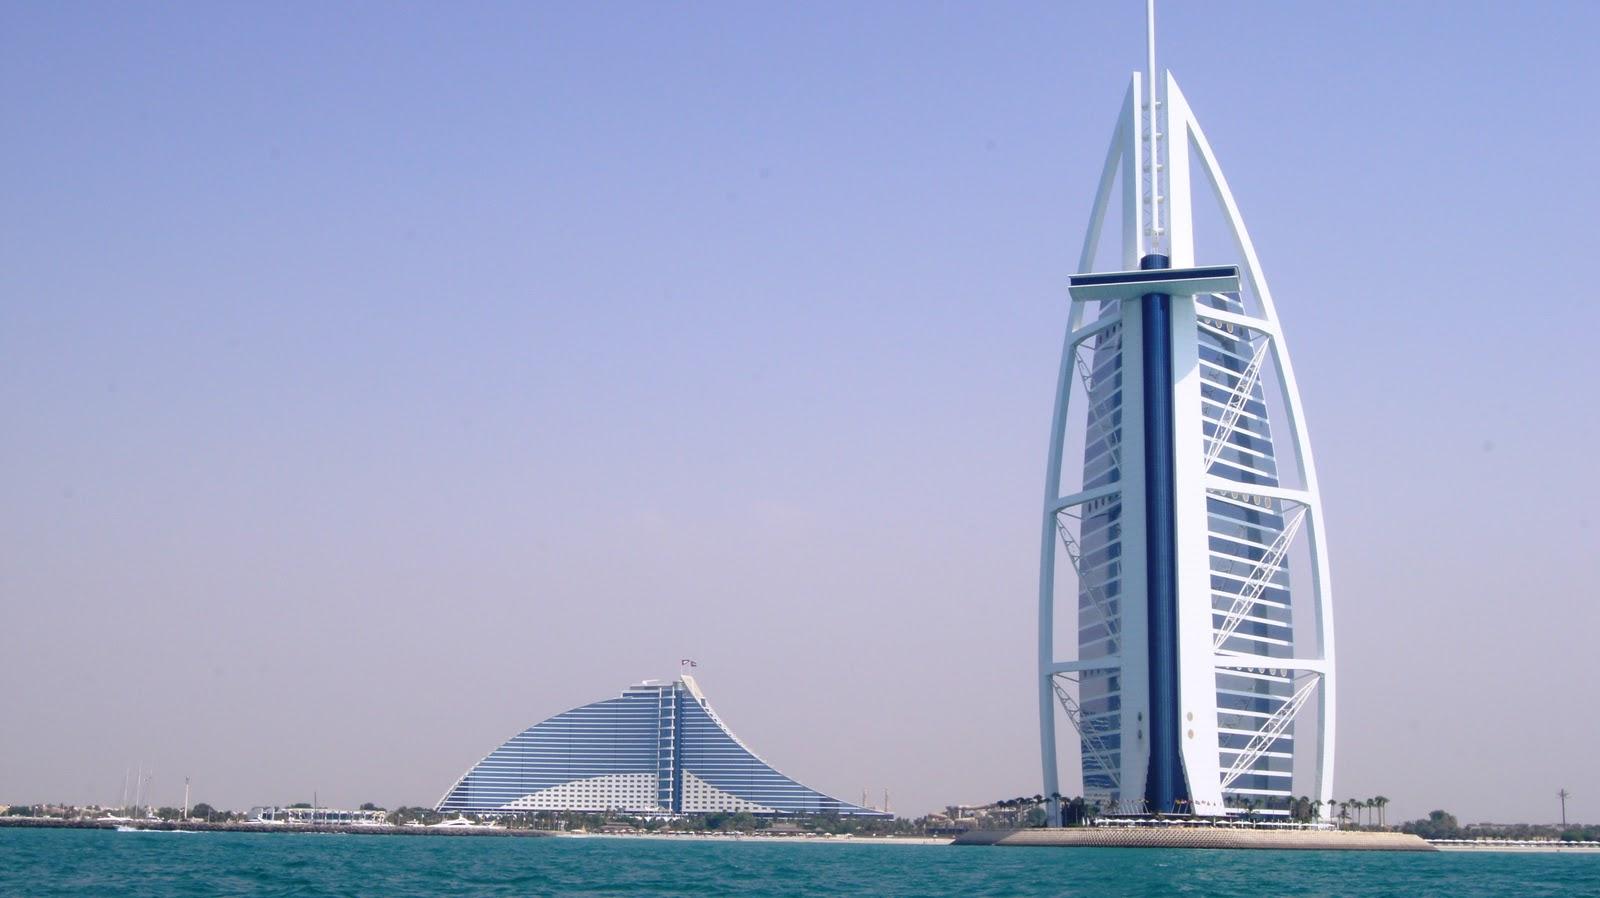 Safiyah tasneem september 2011 for Burj al arab 7 star